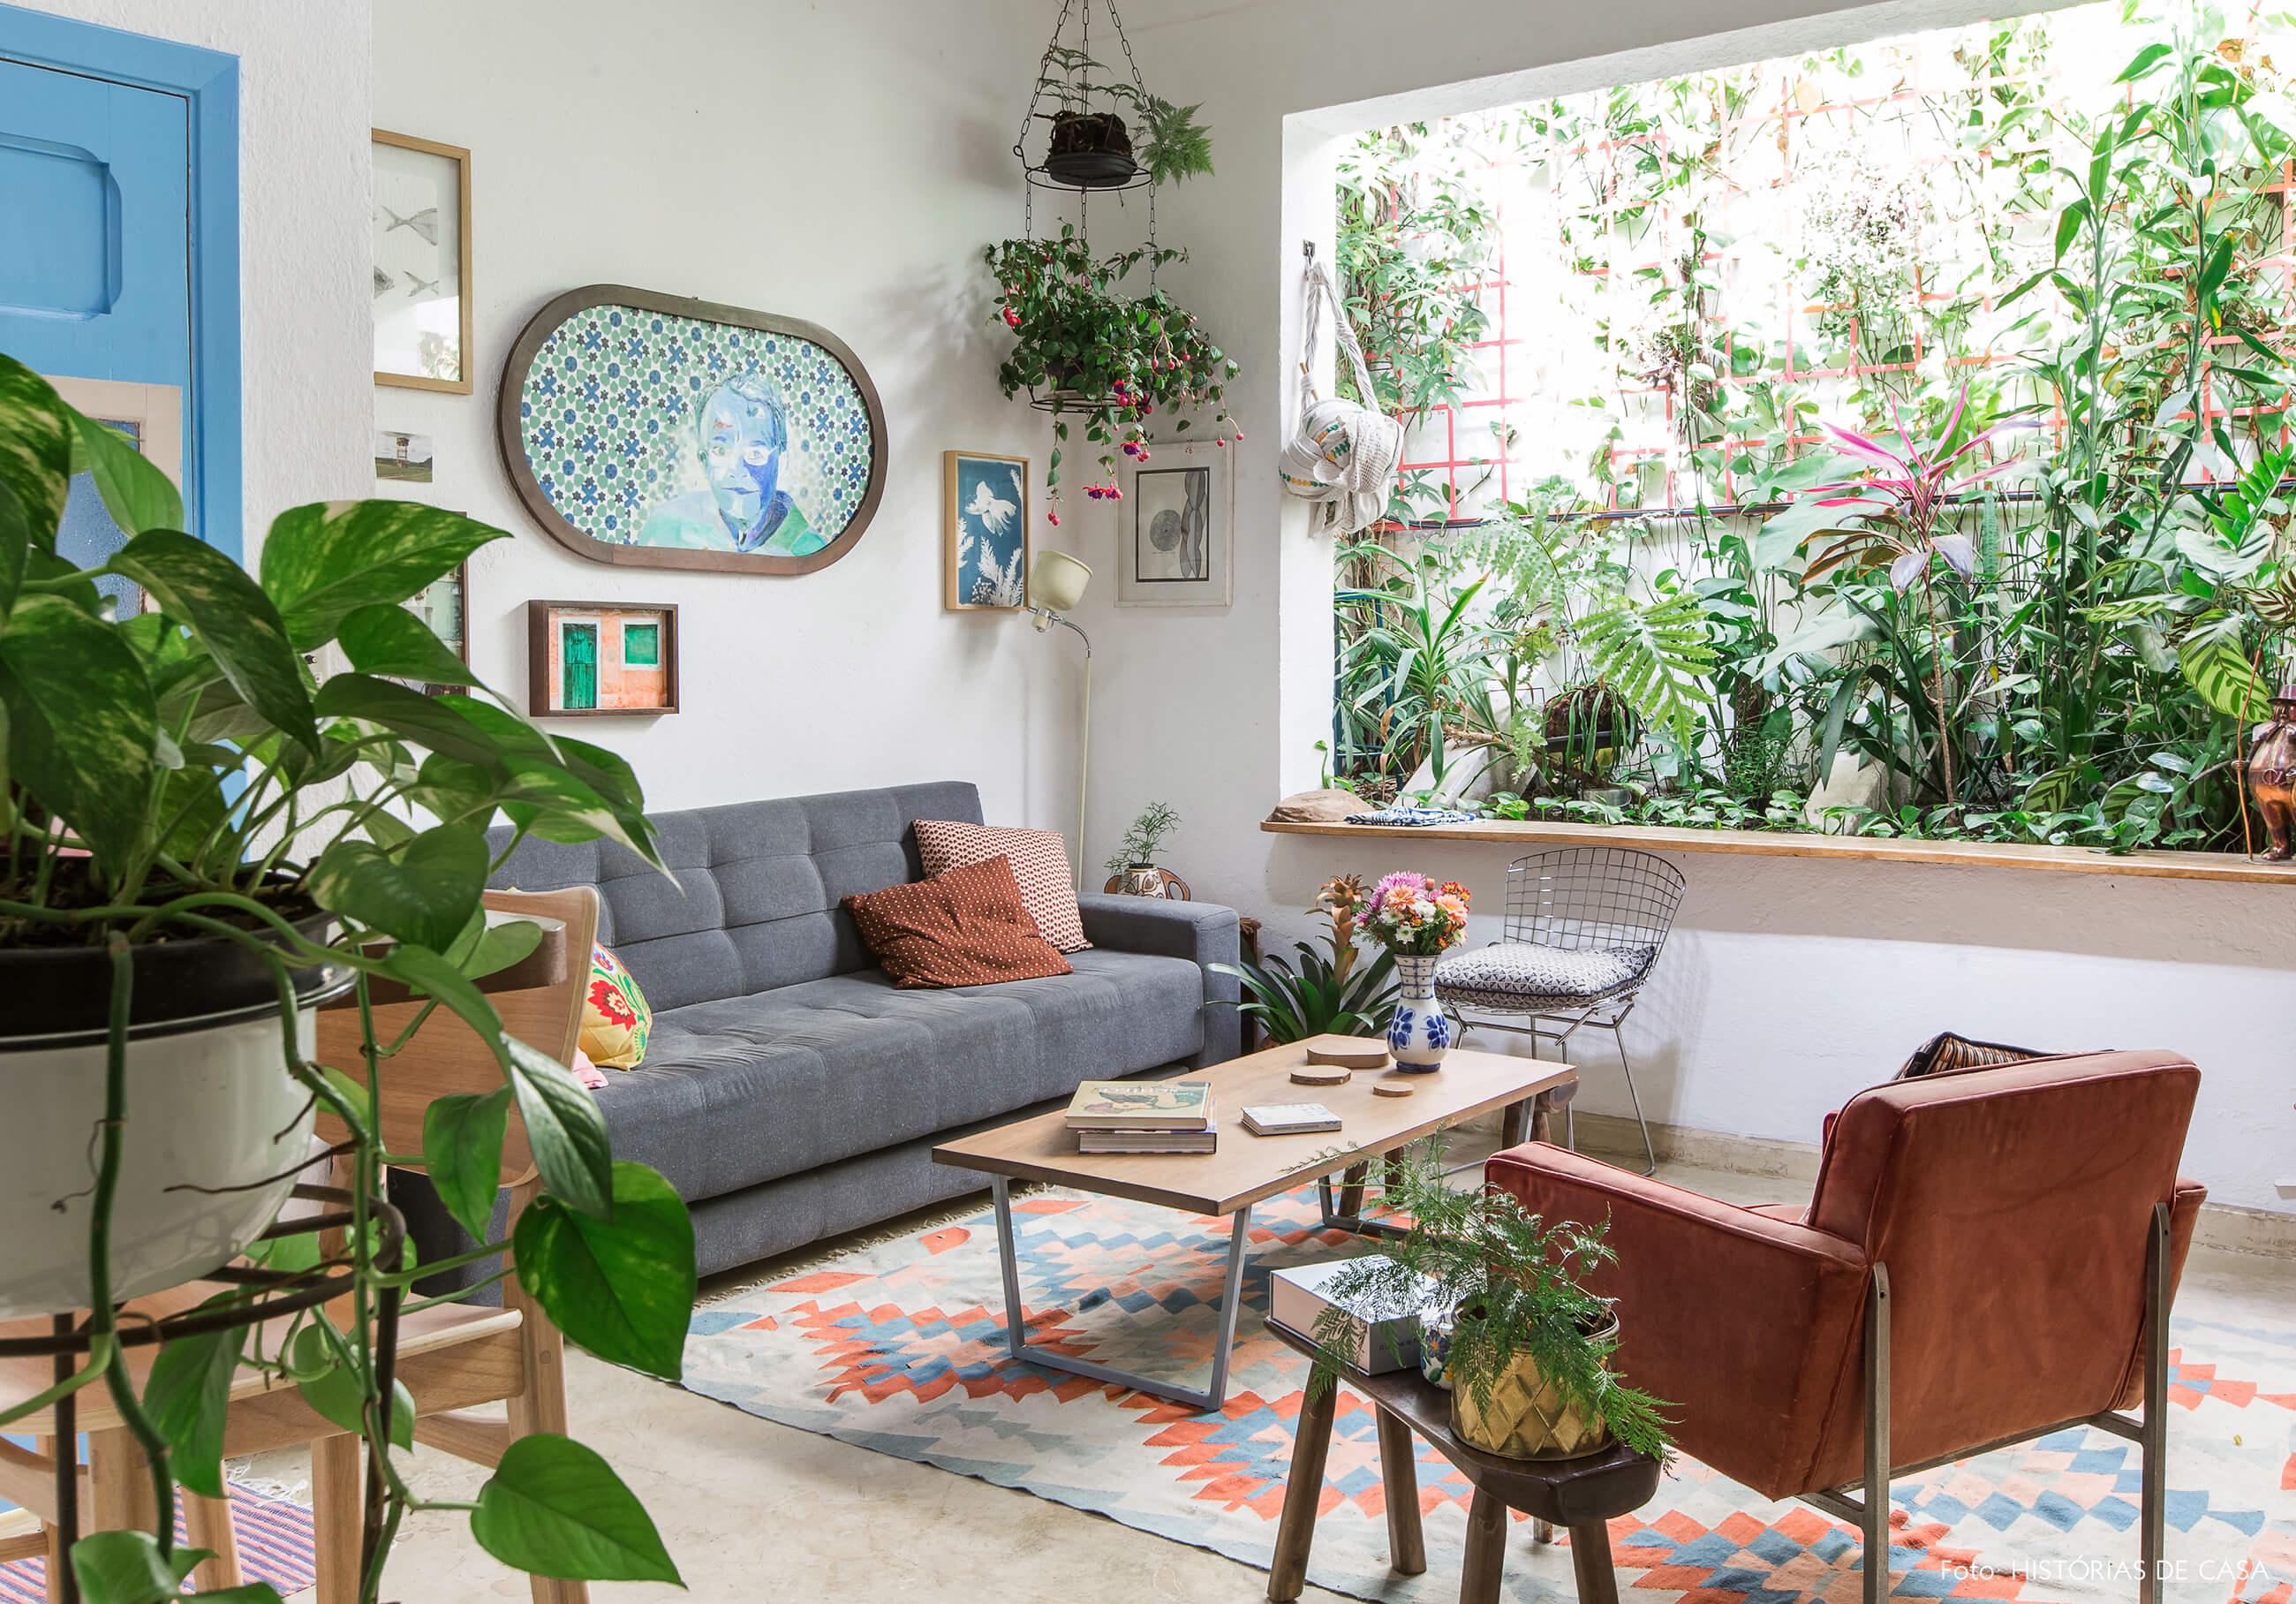 Sala colorida com sofá cinza e muitas plantas